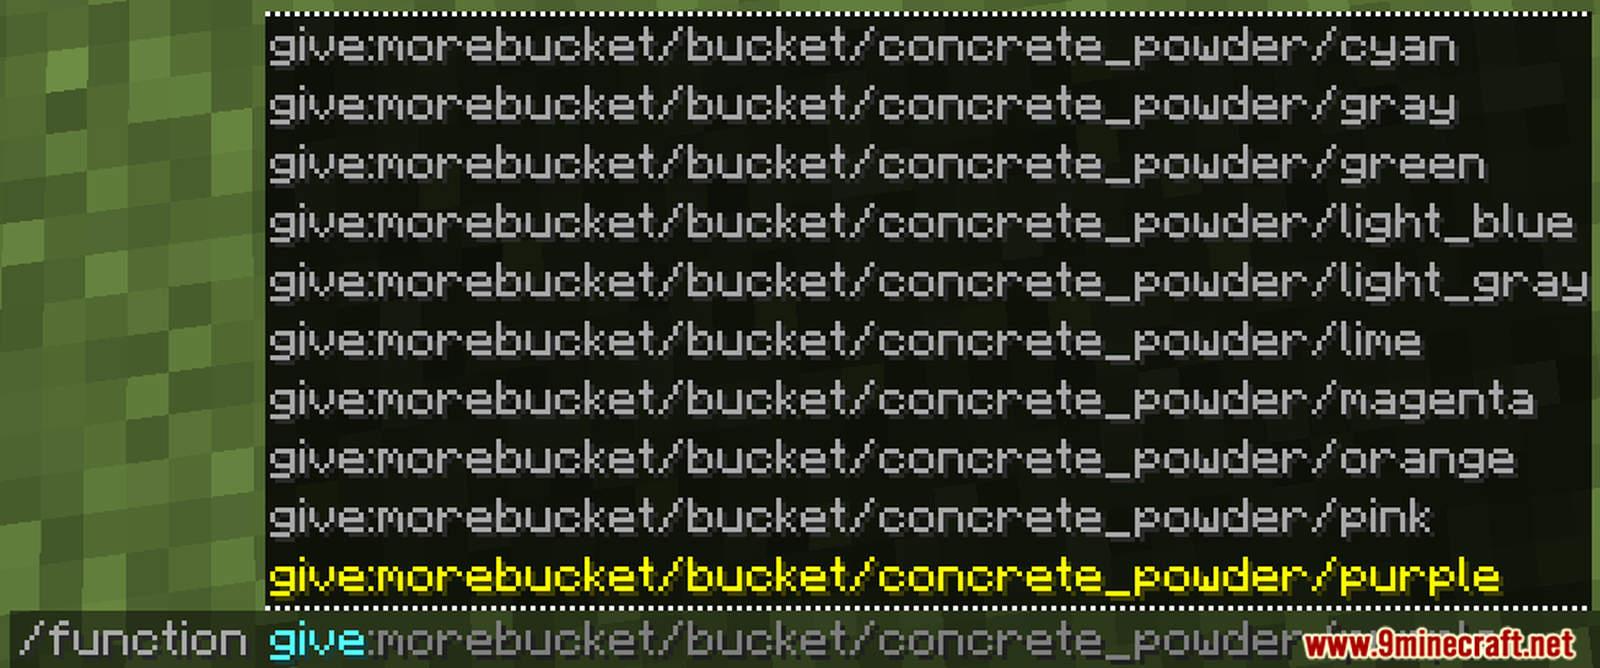 More Buckets Data Pack Screenshots (2)